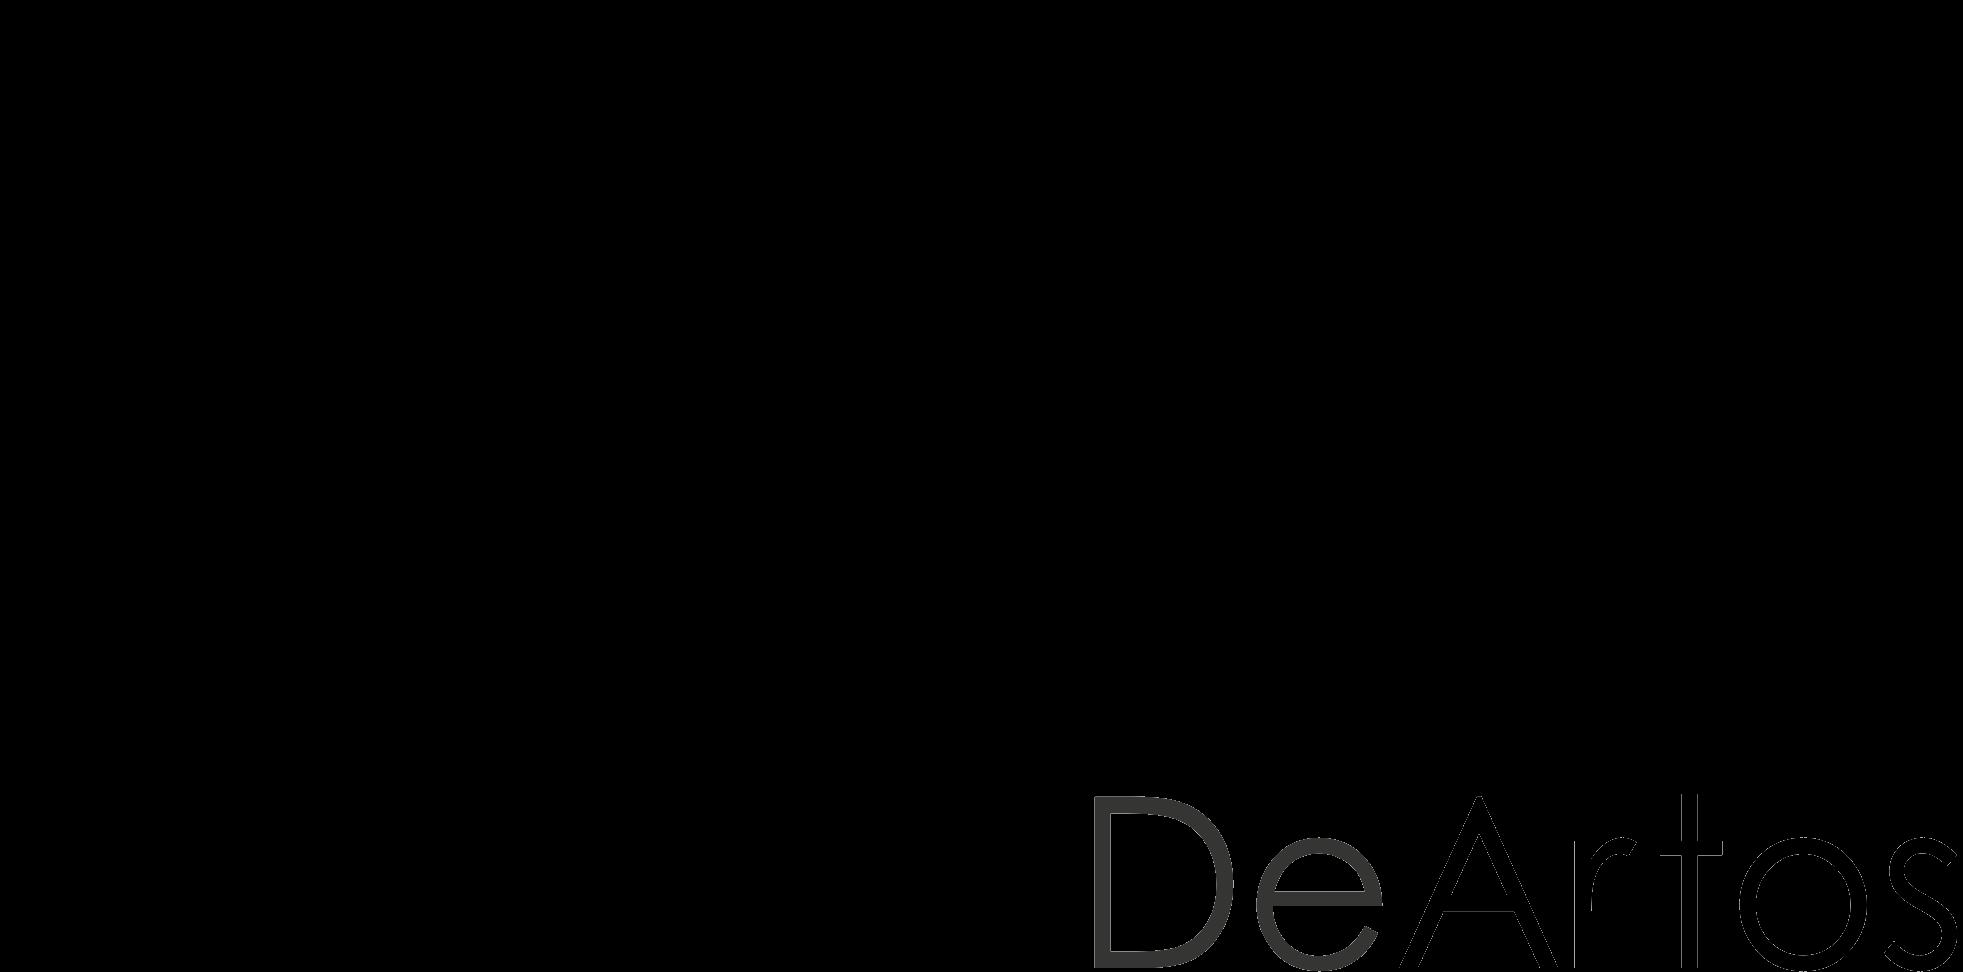 DeArtos